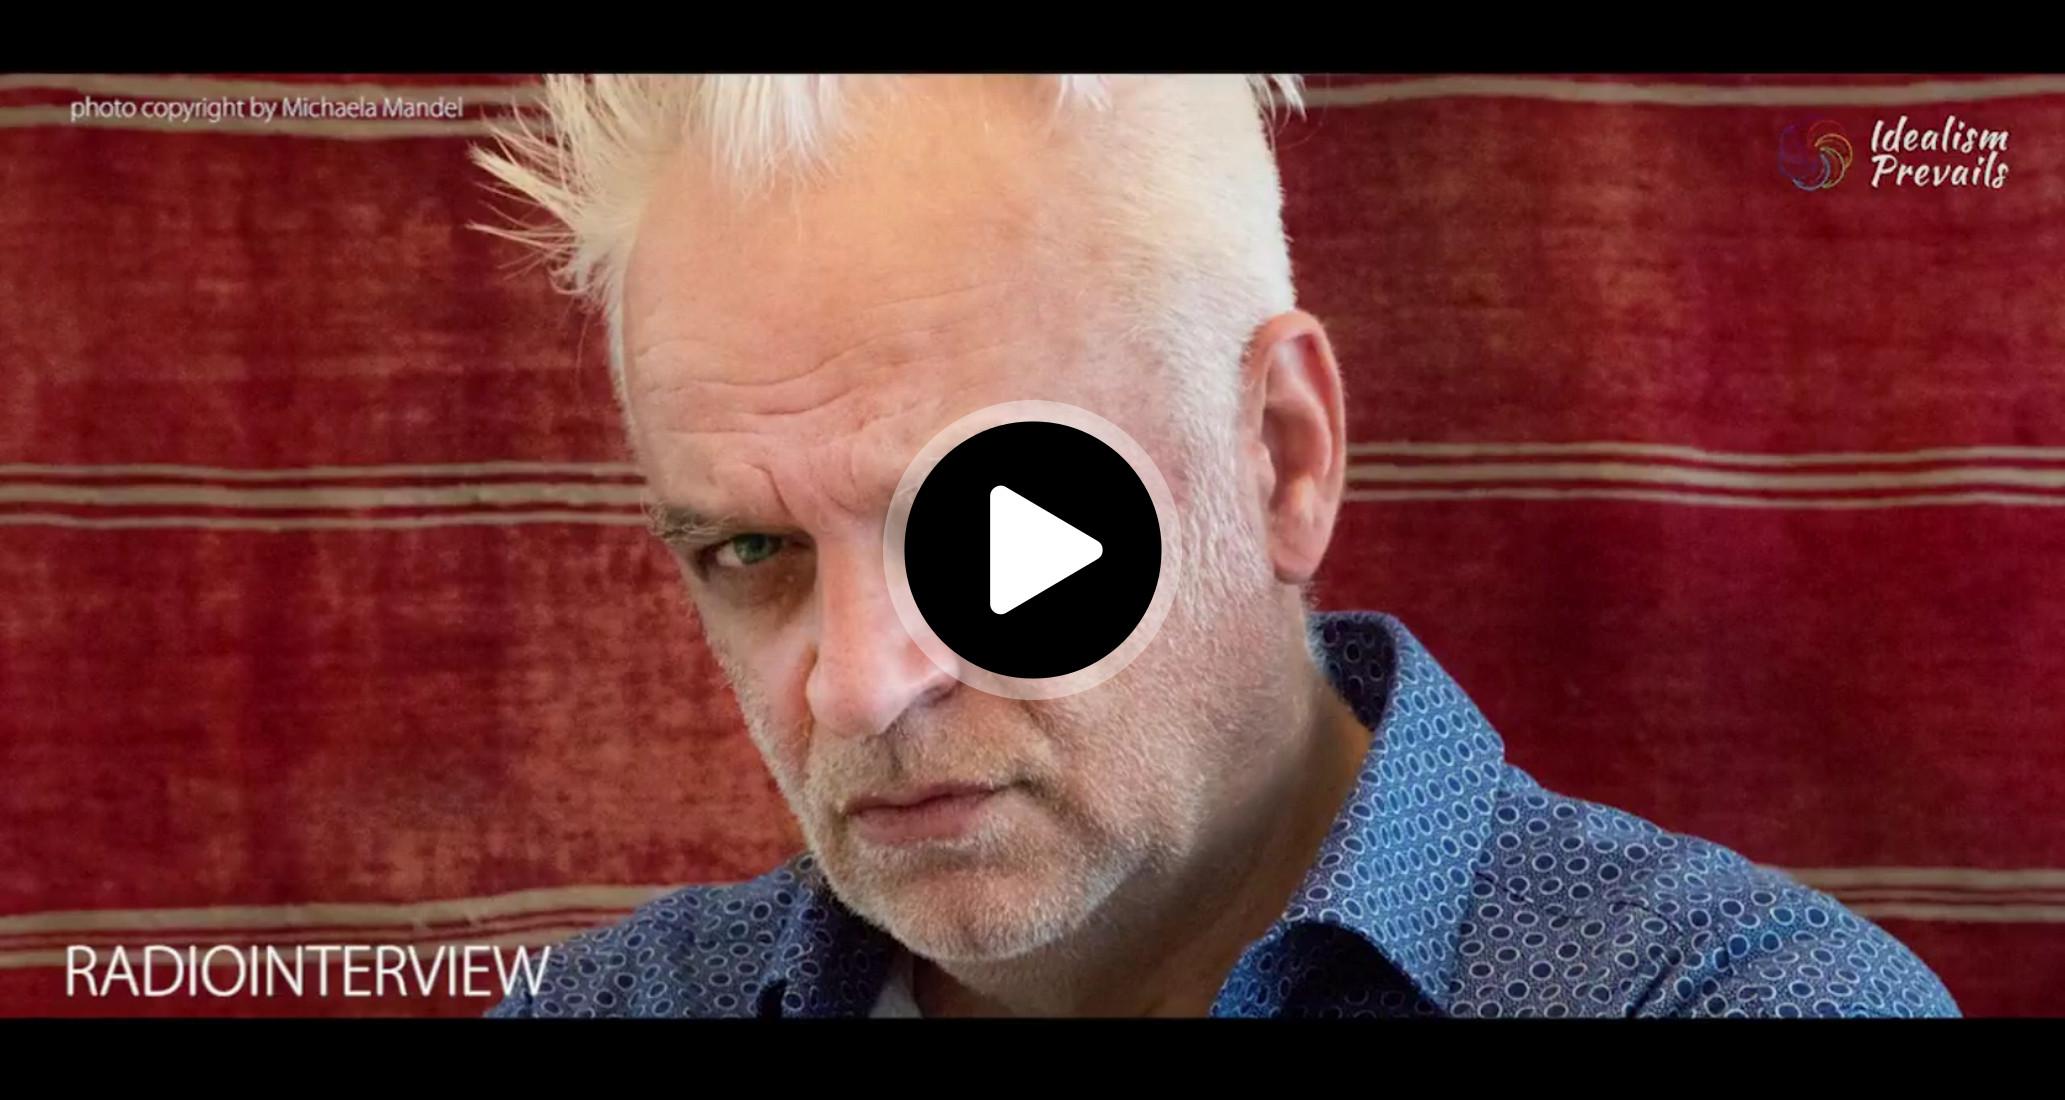 Videobild-Kurt Palm